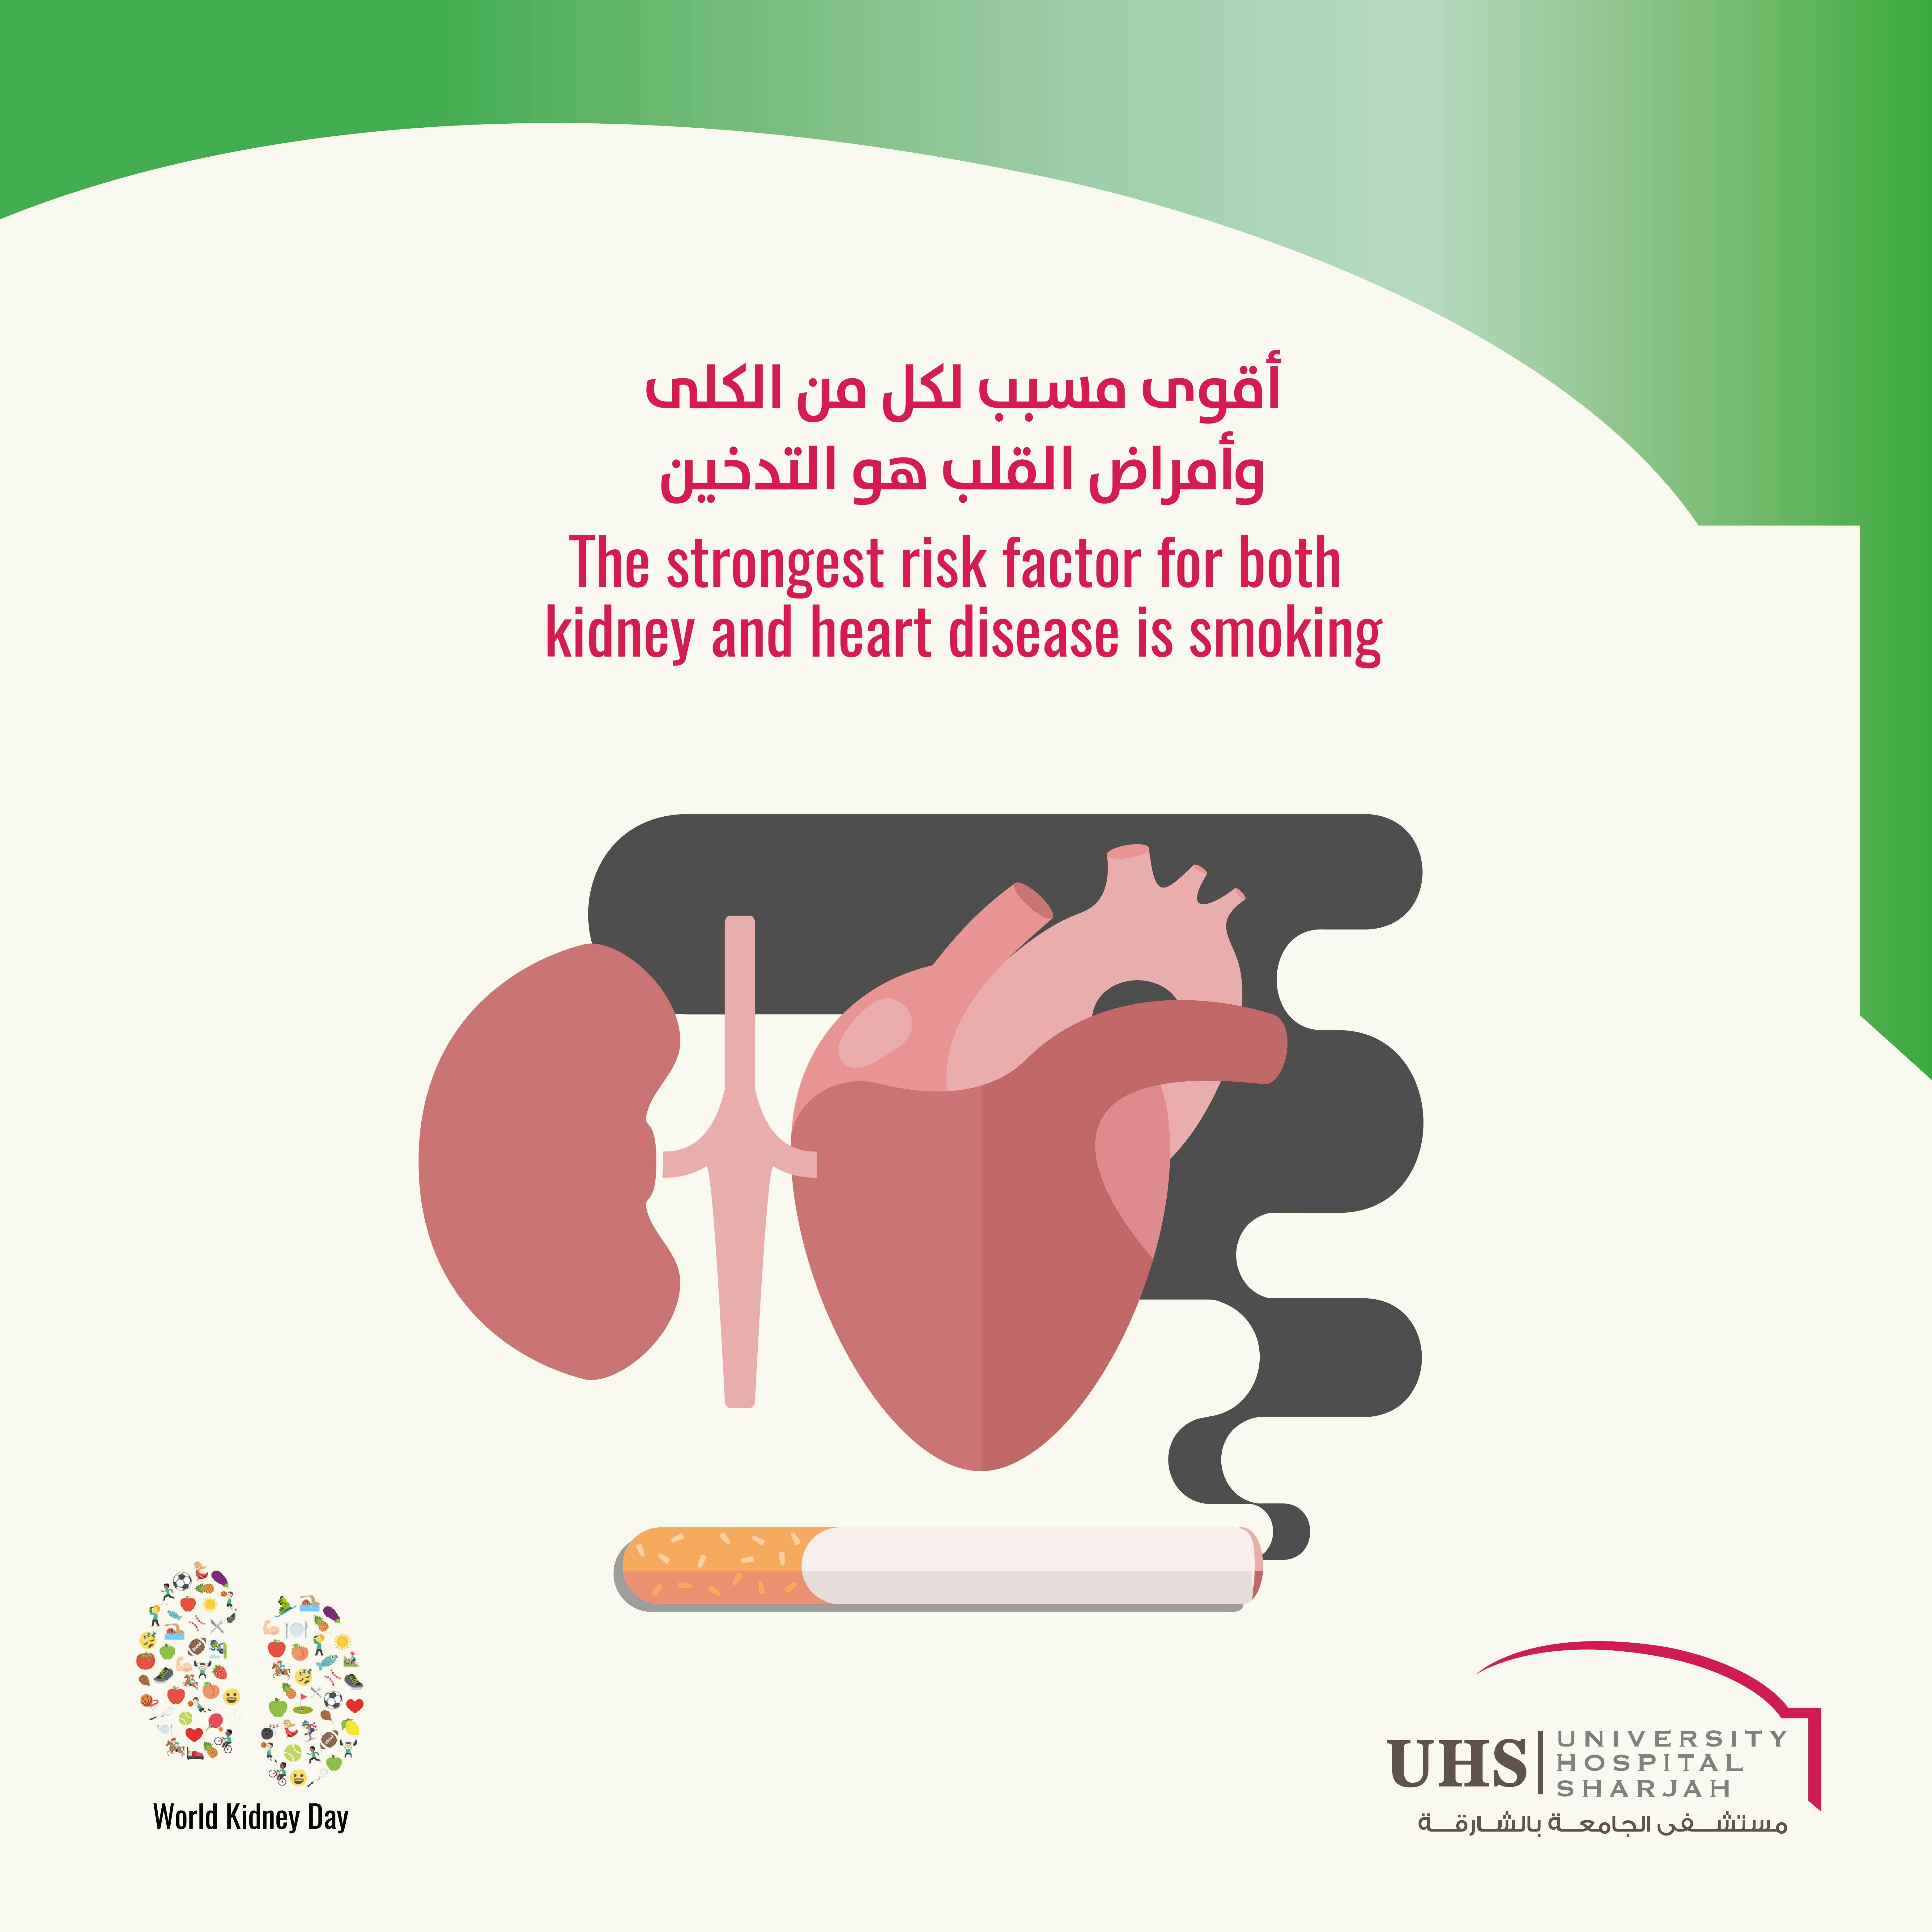 أقوى مسبب لكل من الكلى وأمراض القلب هو التدخين لأنه يسبب تصلب الشرايين الذي بدوره يسبب كل من مرض الشر Coronary Artery Disease Medical Information Heart Disease